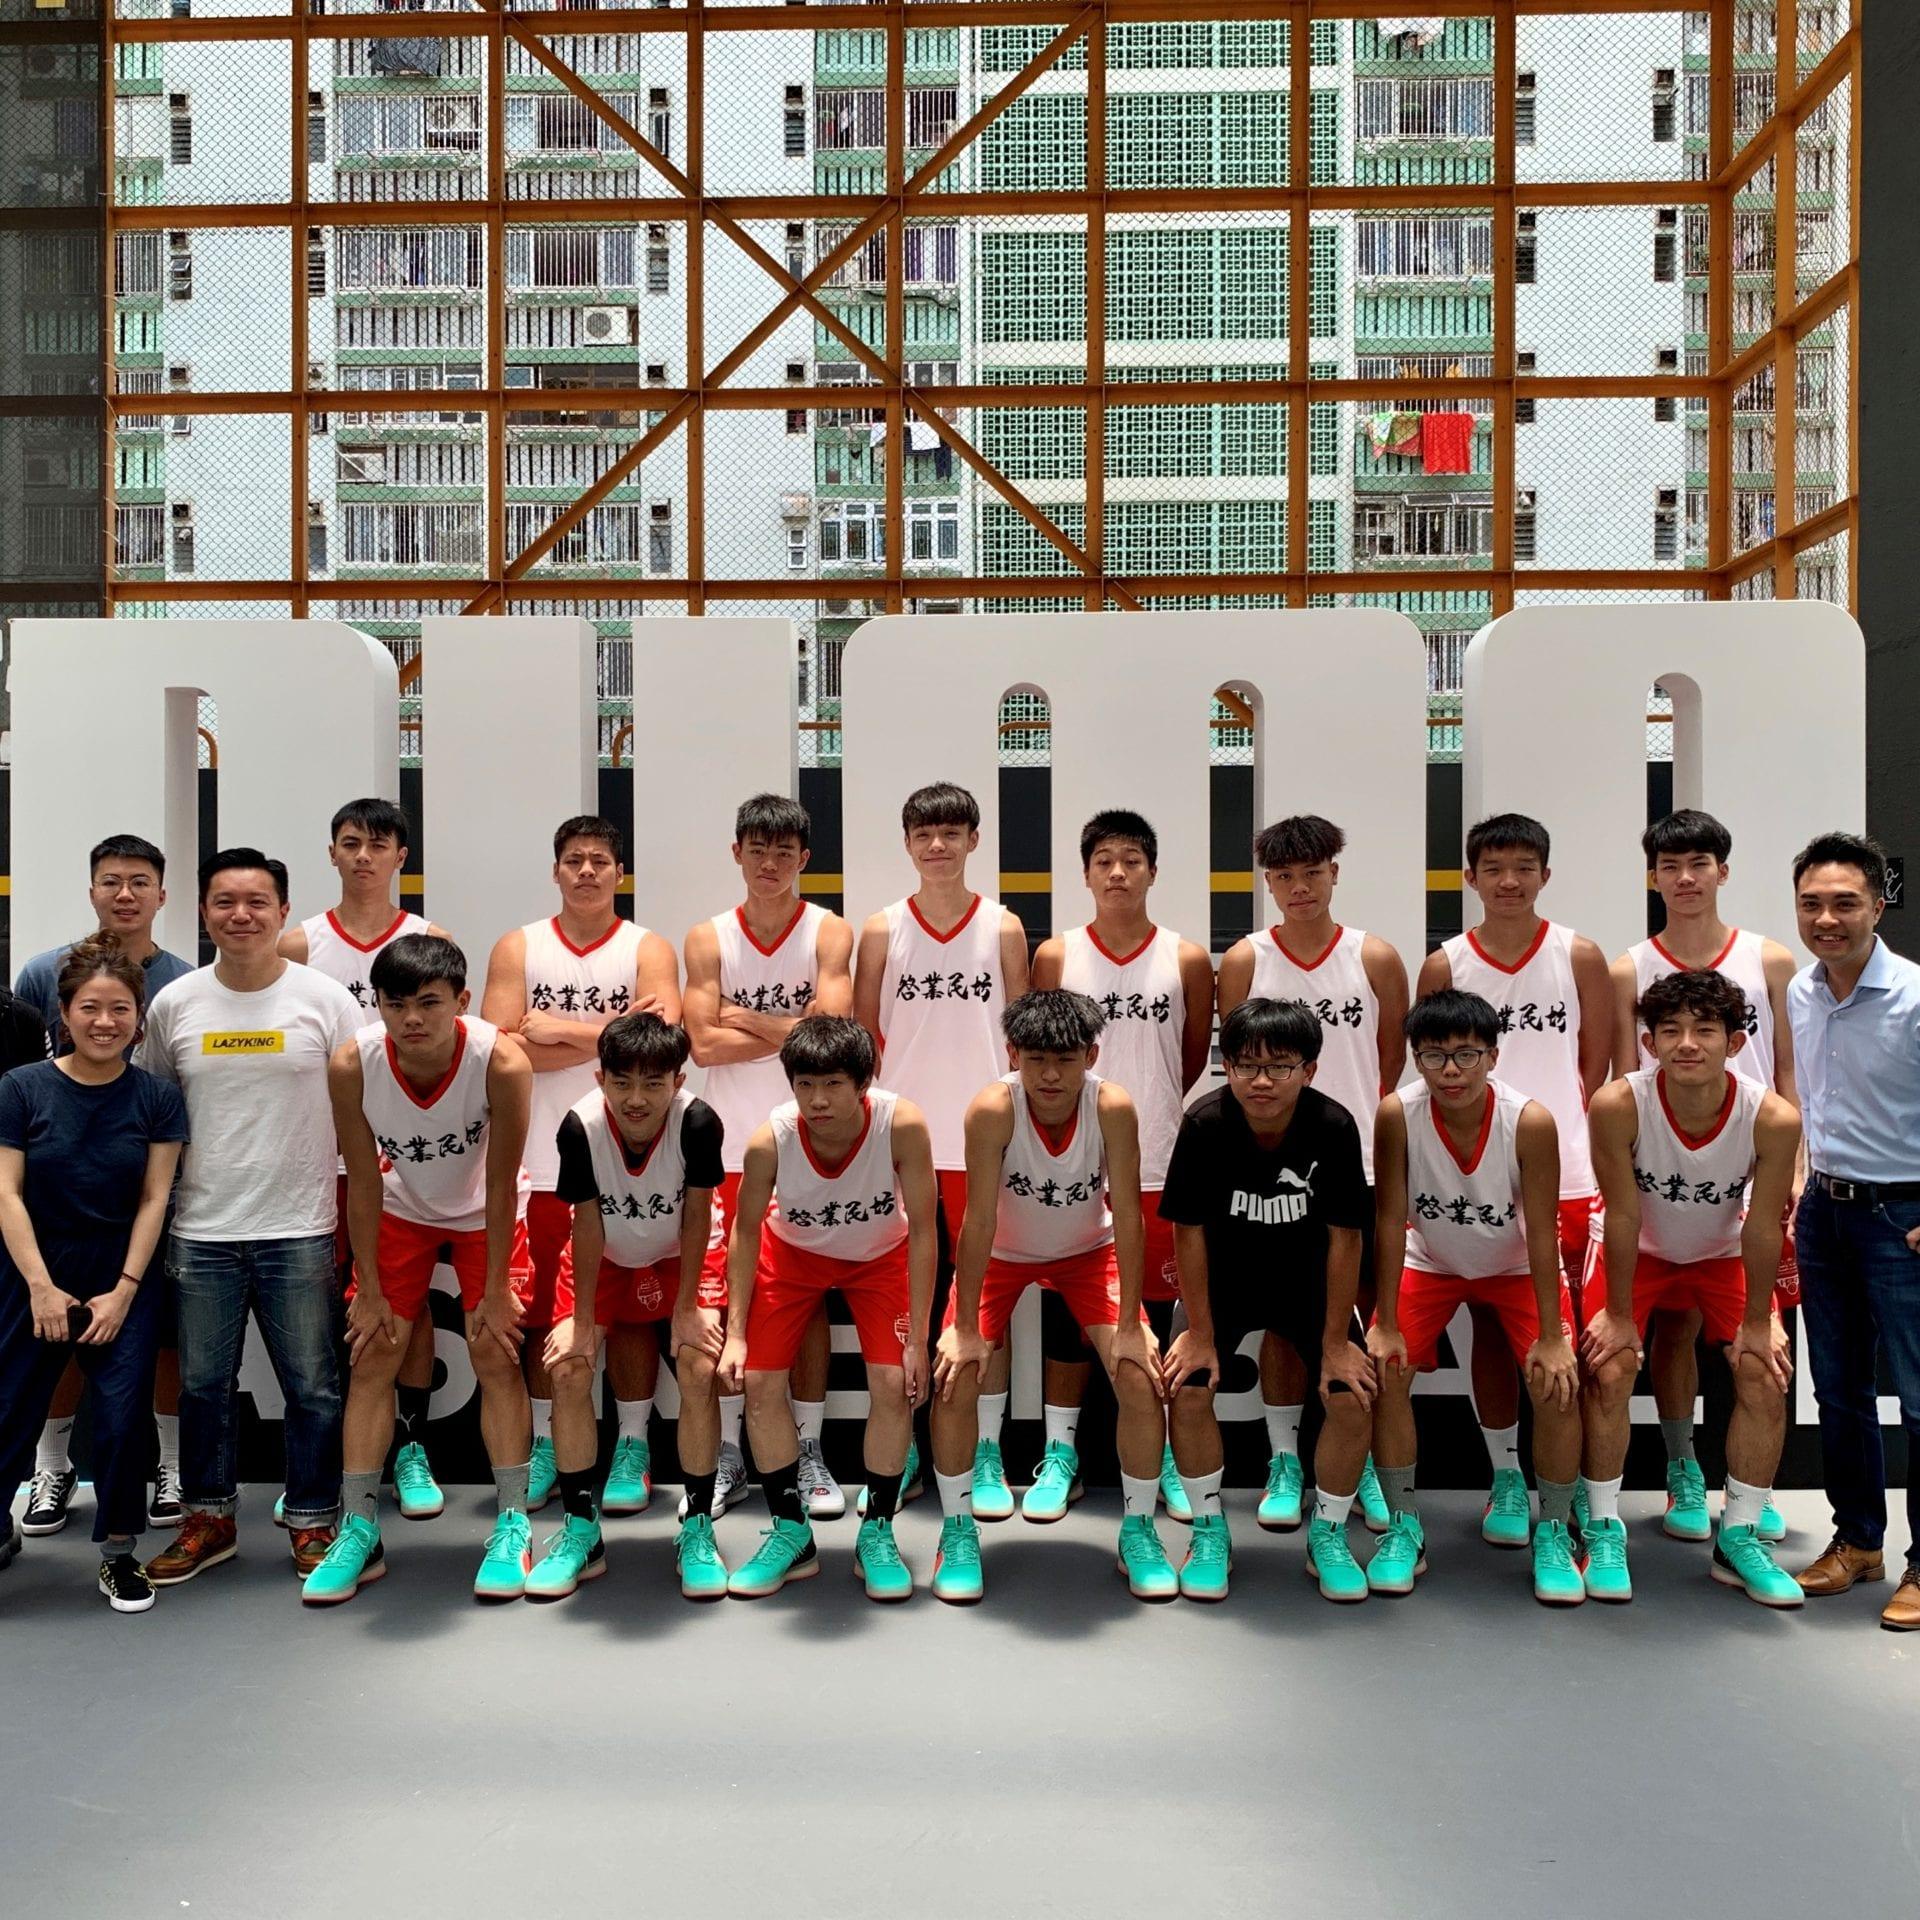 民坊xPUMA產品發佈會及籃球訓練班